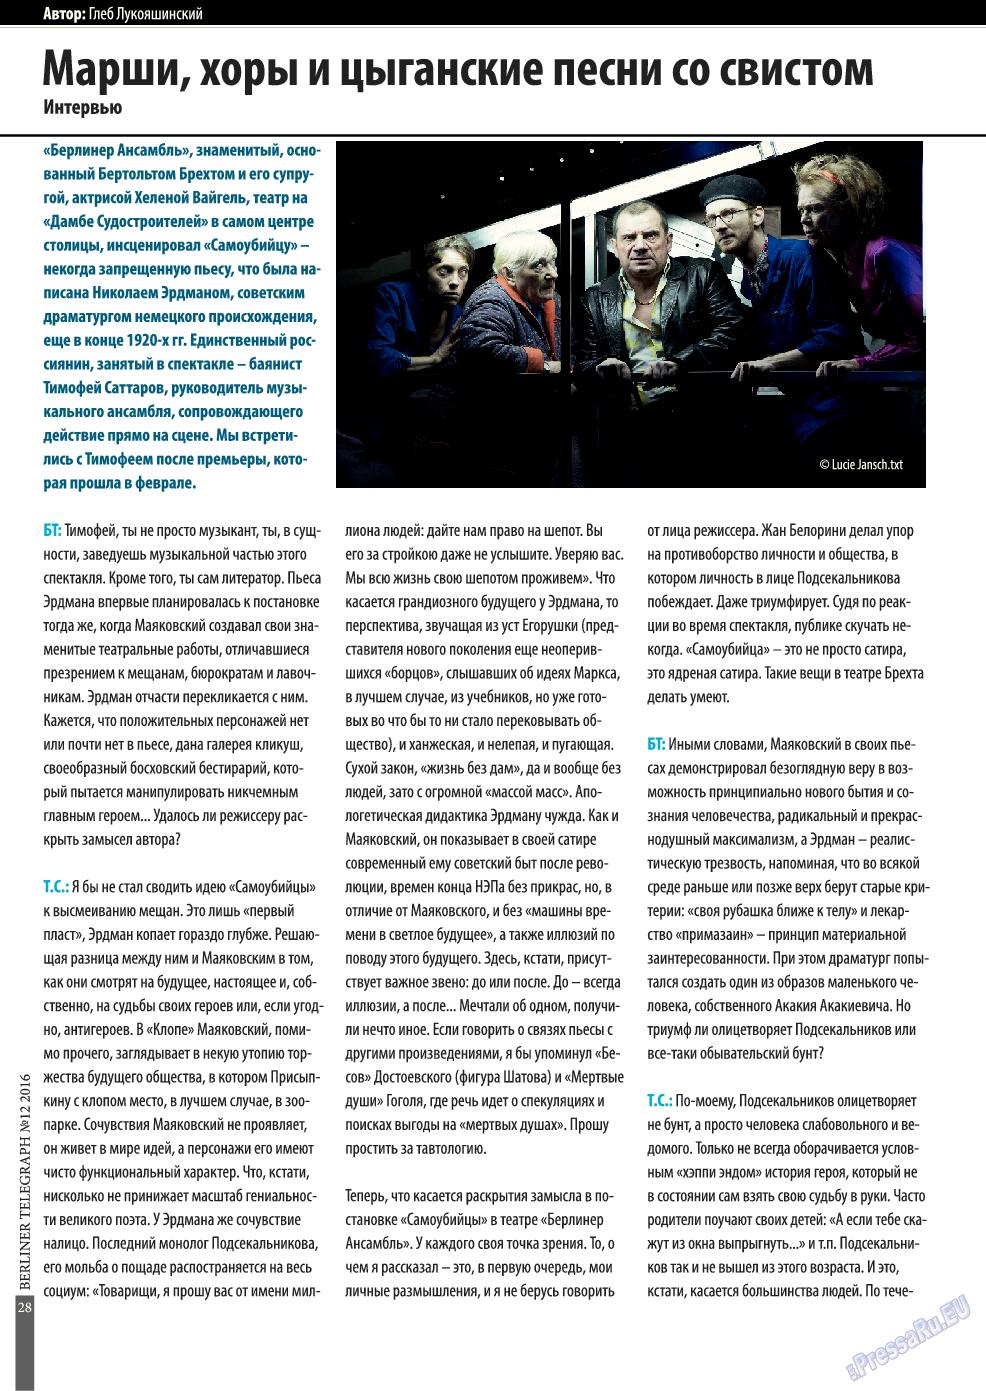 Берлинский телеграф (журнал). 2016 год, номер 12, стр. 28